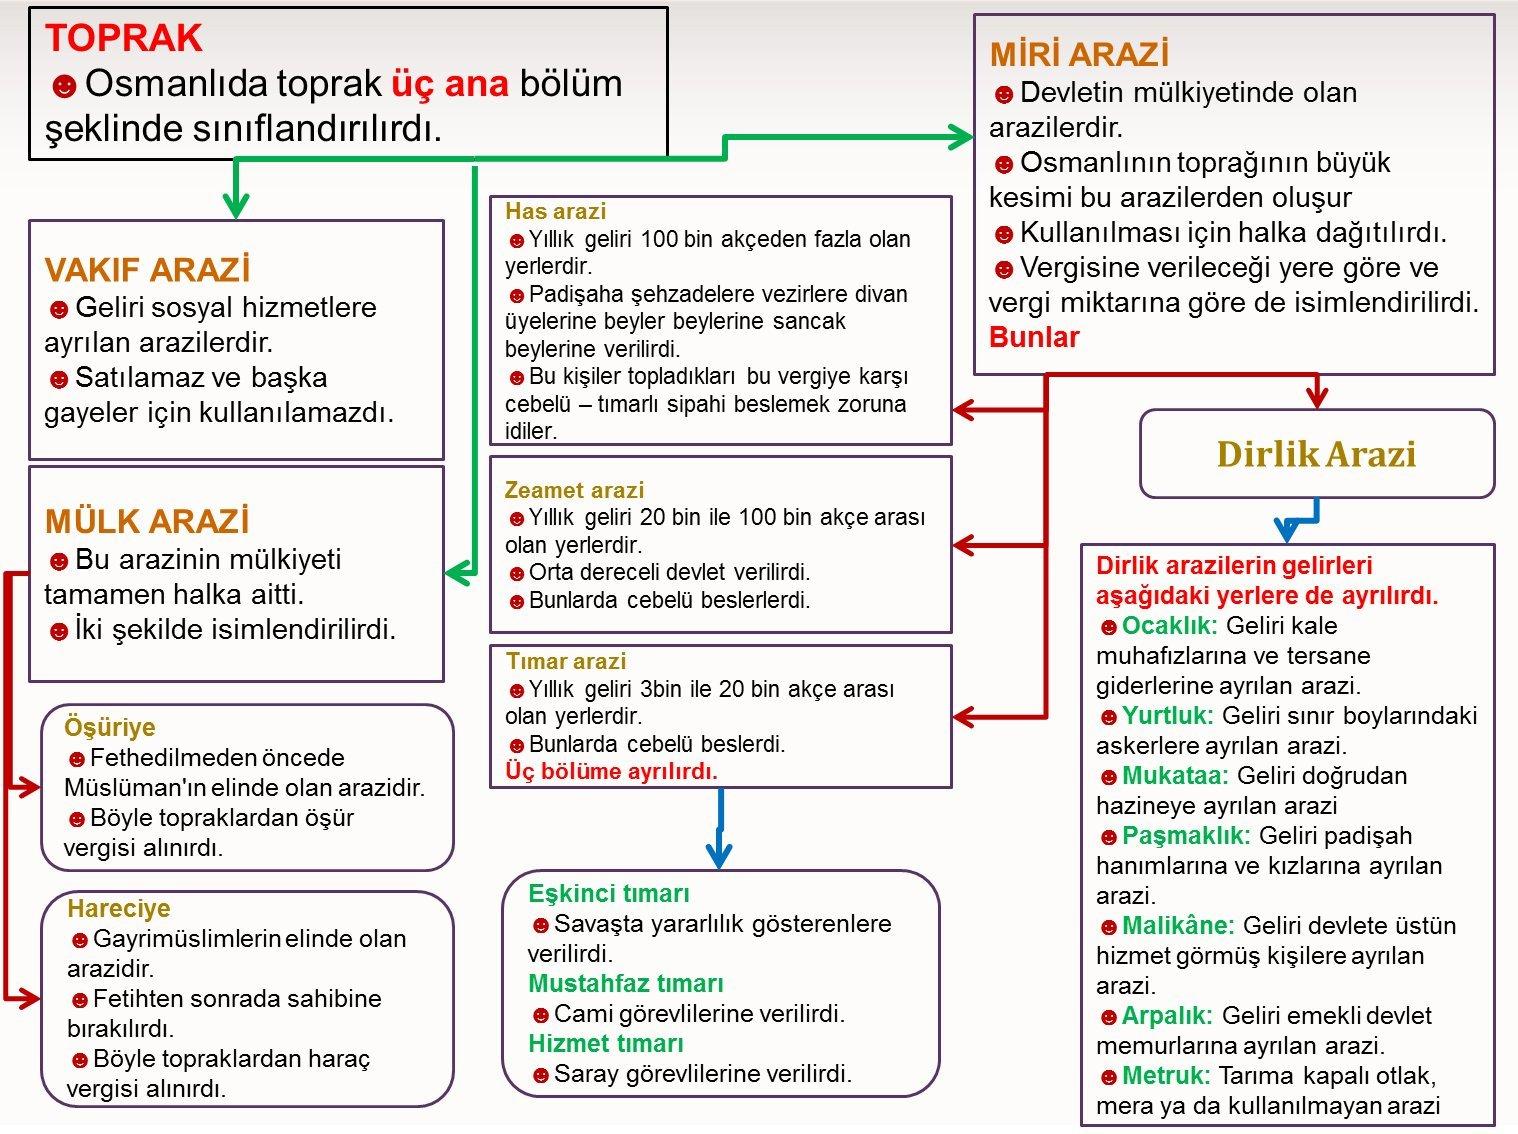 Osmanlıda Toprak Yönetimi Şeması